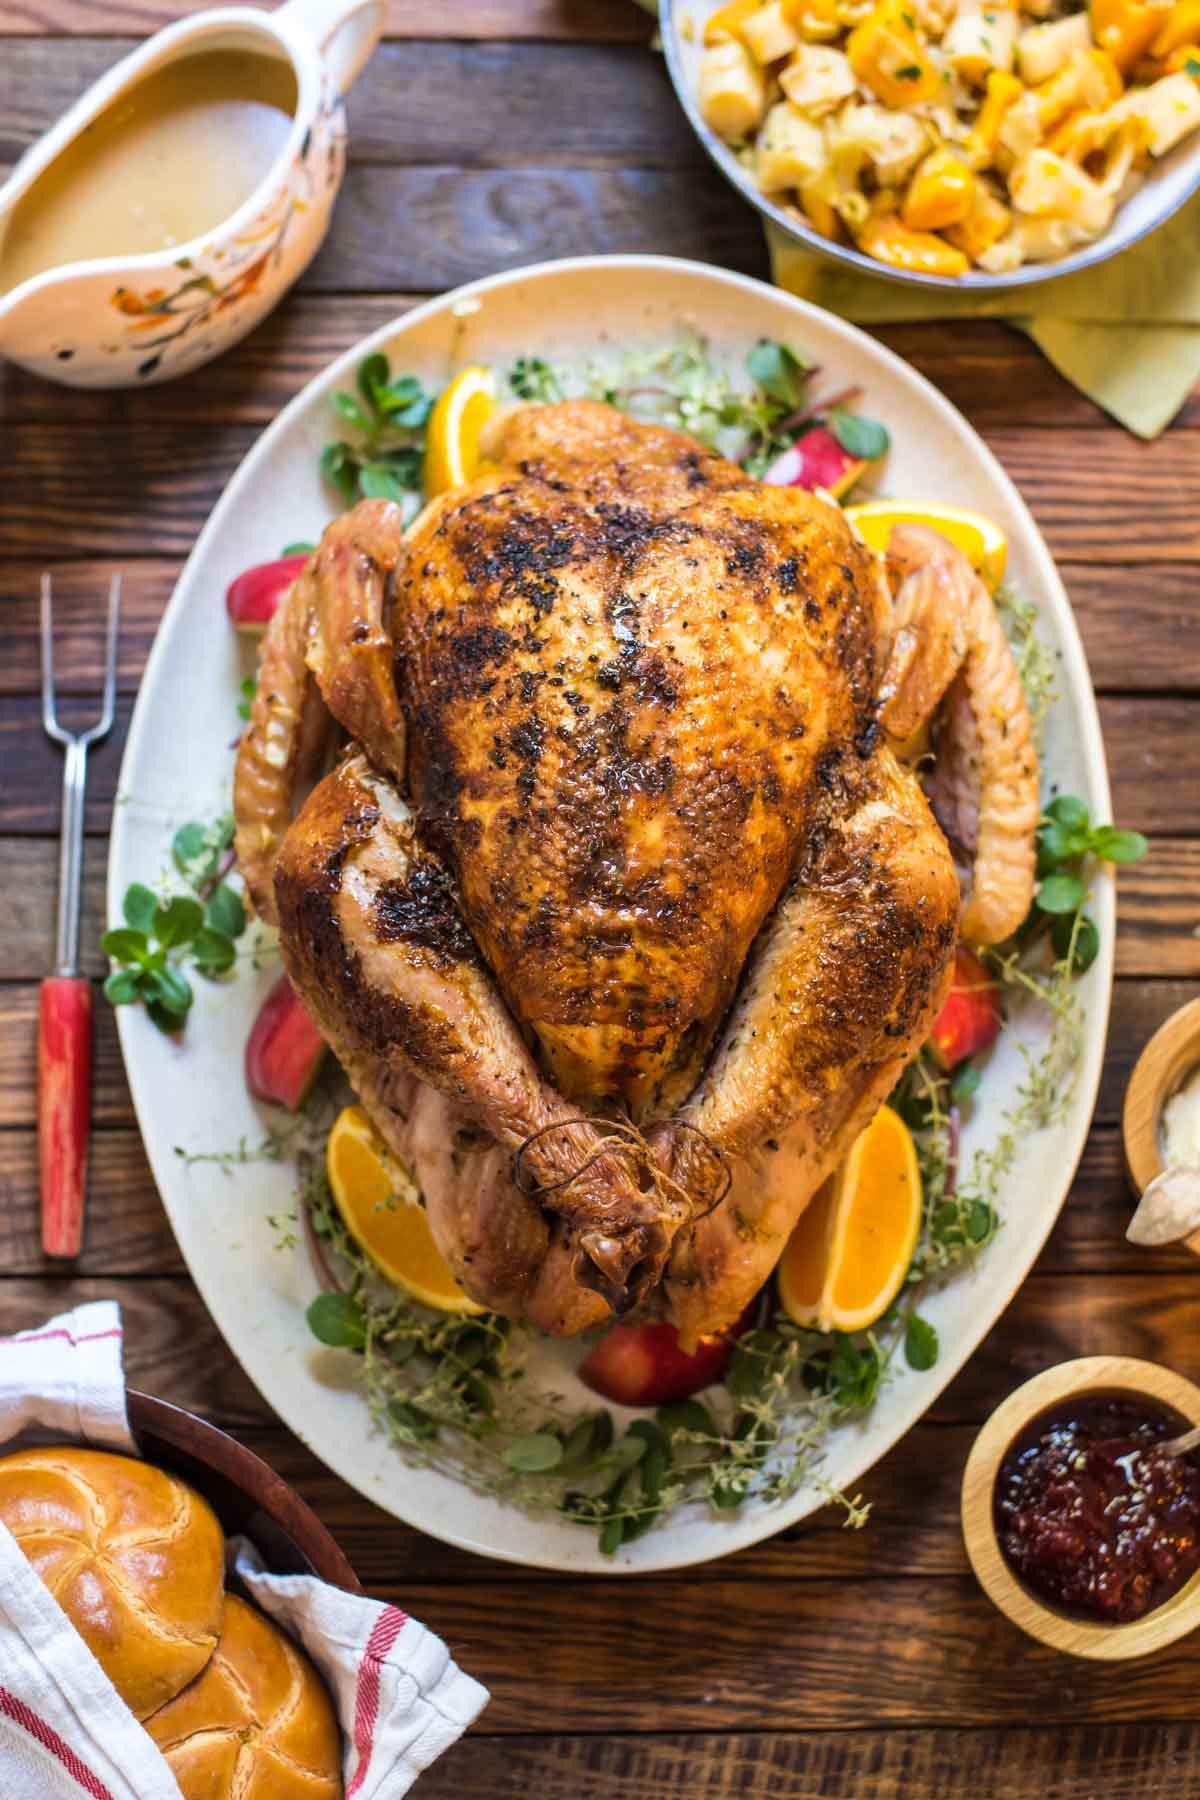 Braised Apple Cider Turkey